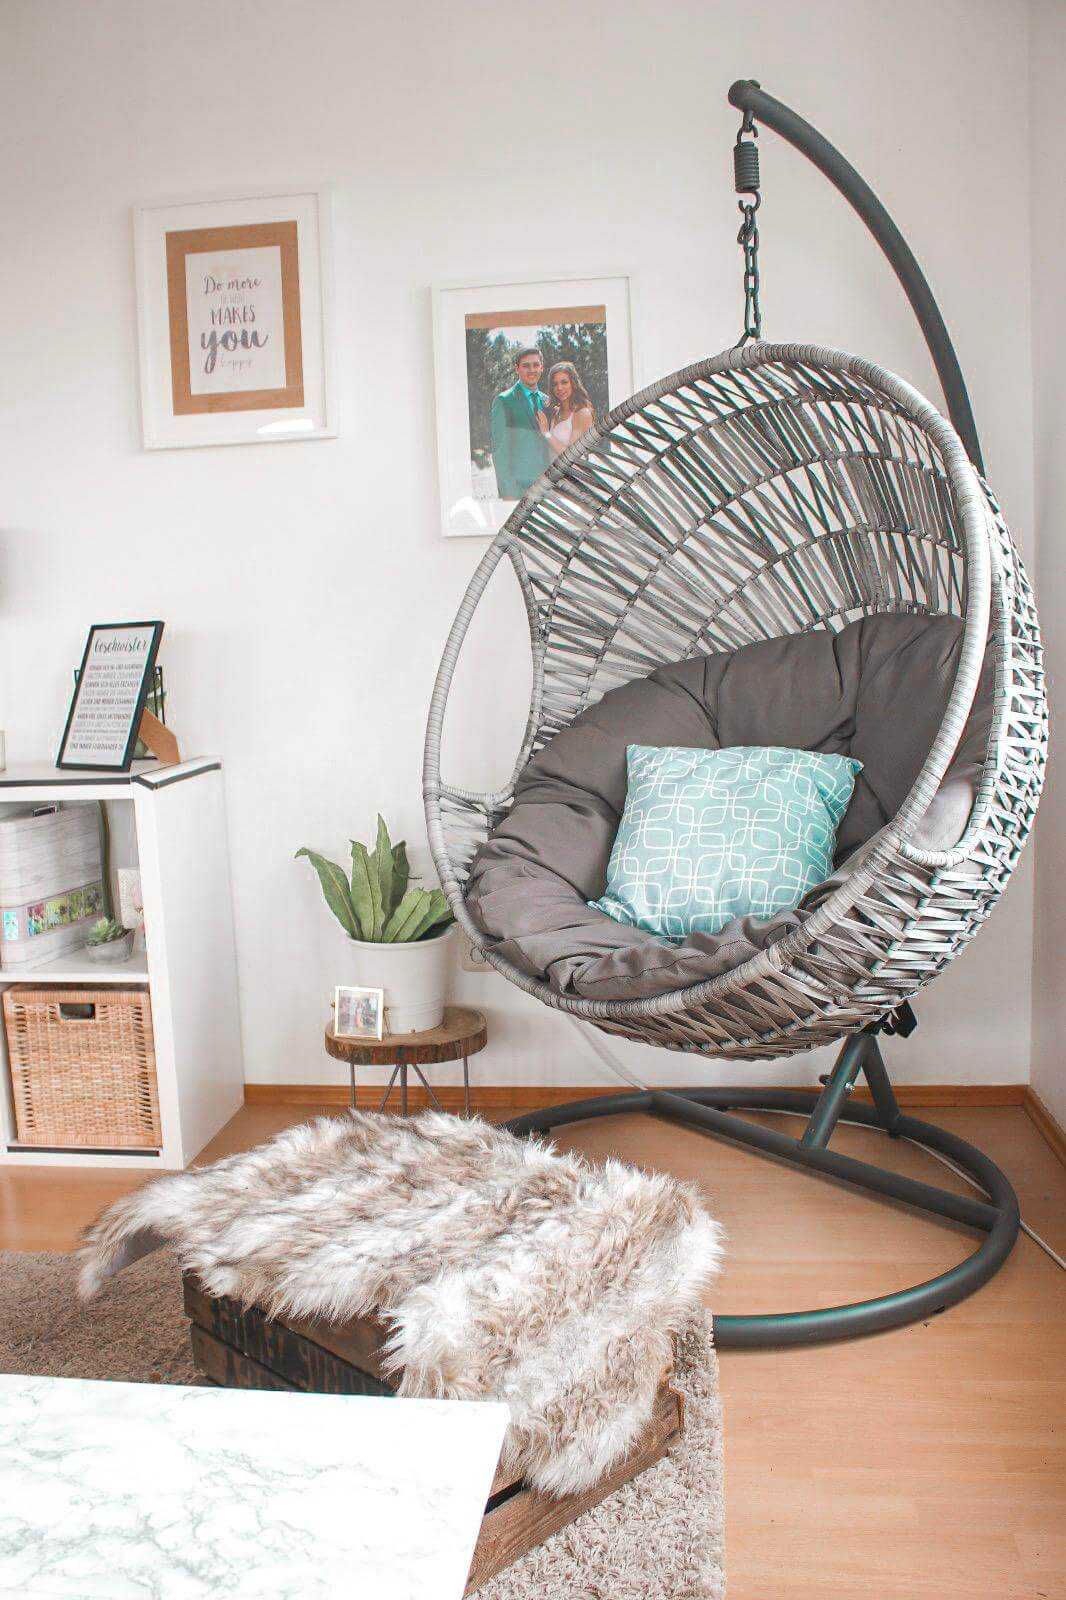 5 Einrichtungstipps  Tropical Boho Wohnzimmer Und Hängesessel (7)